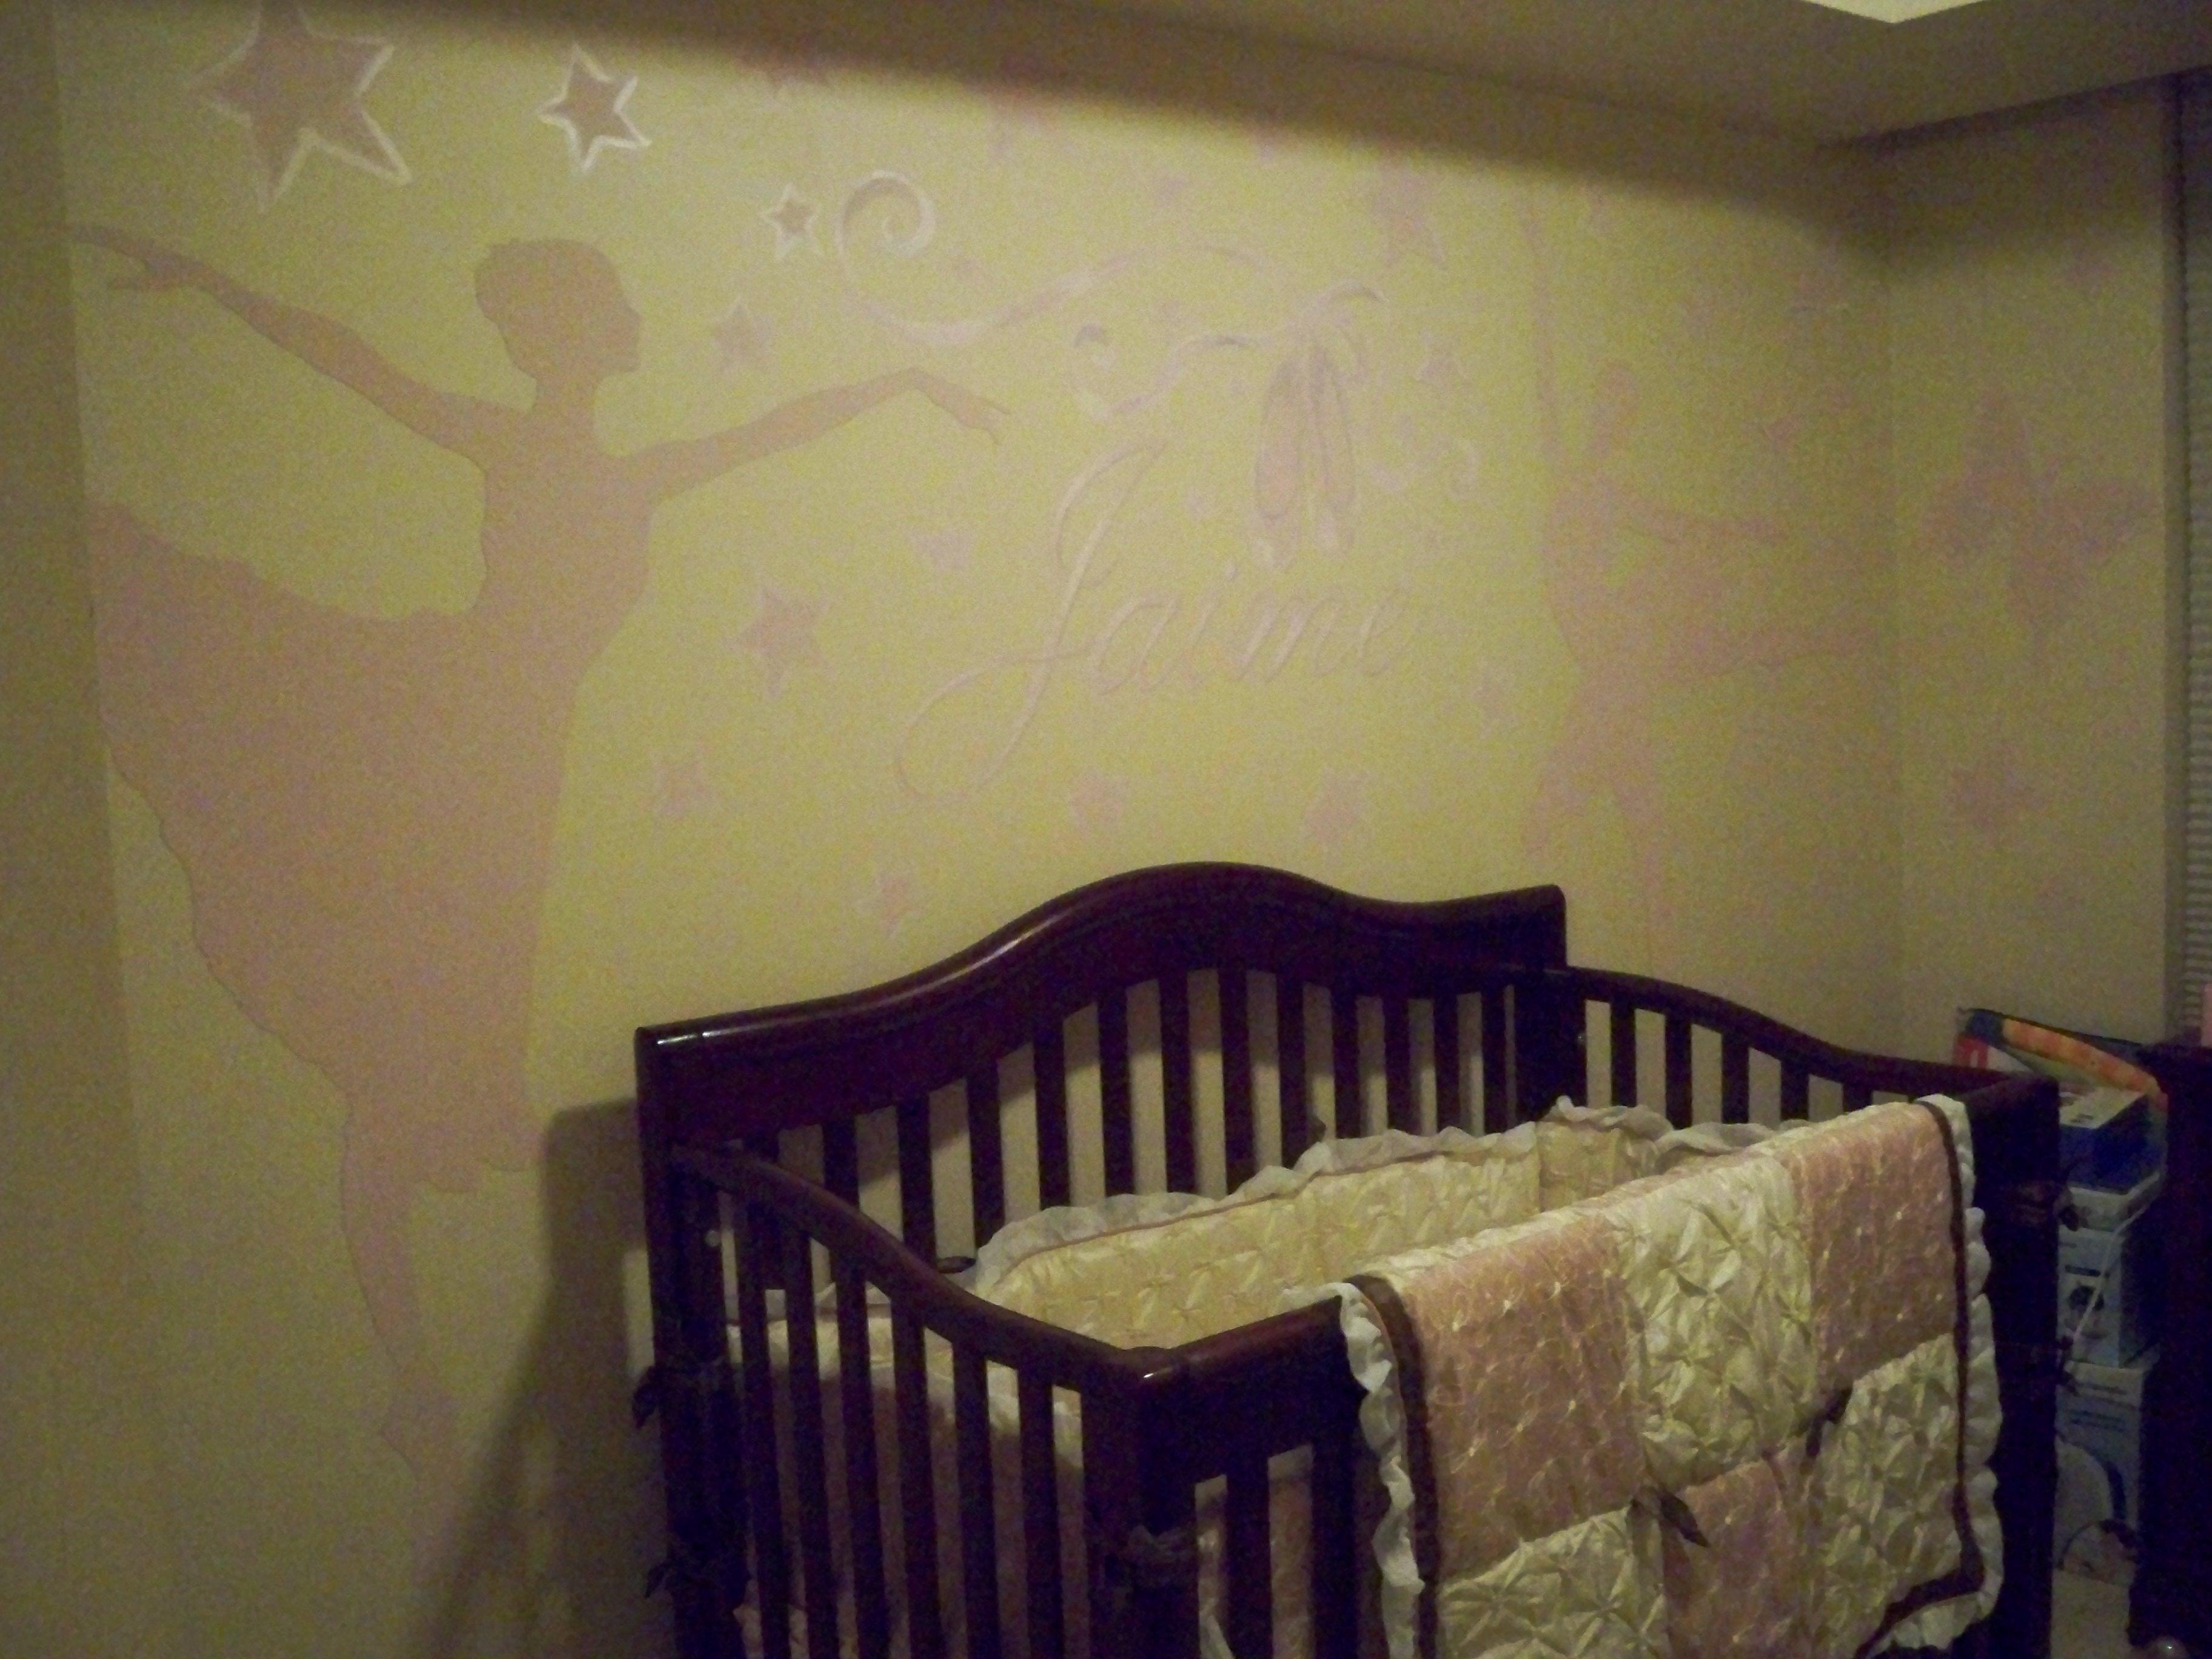 Murals By Marg Jamie Nusery Mural 1.JPG